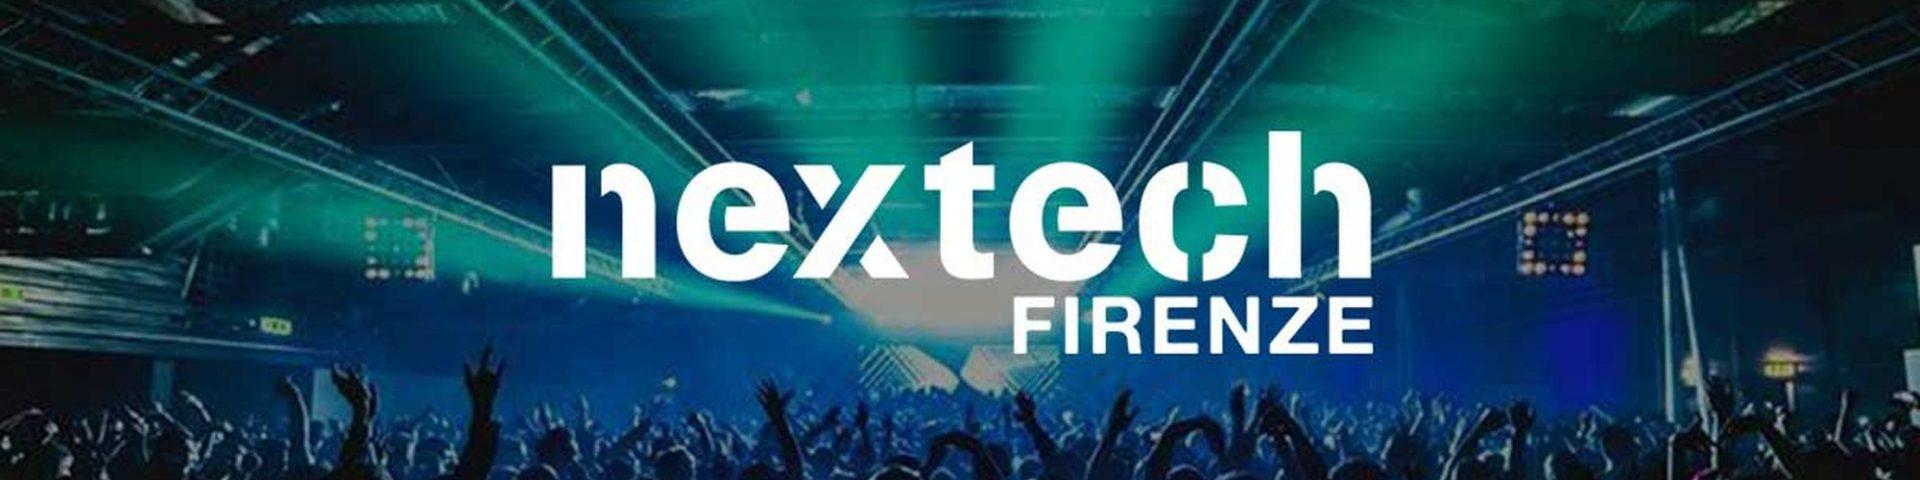 Nextech Festival a Firenze – 21/09/19